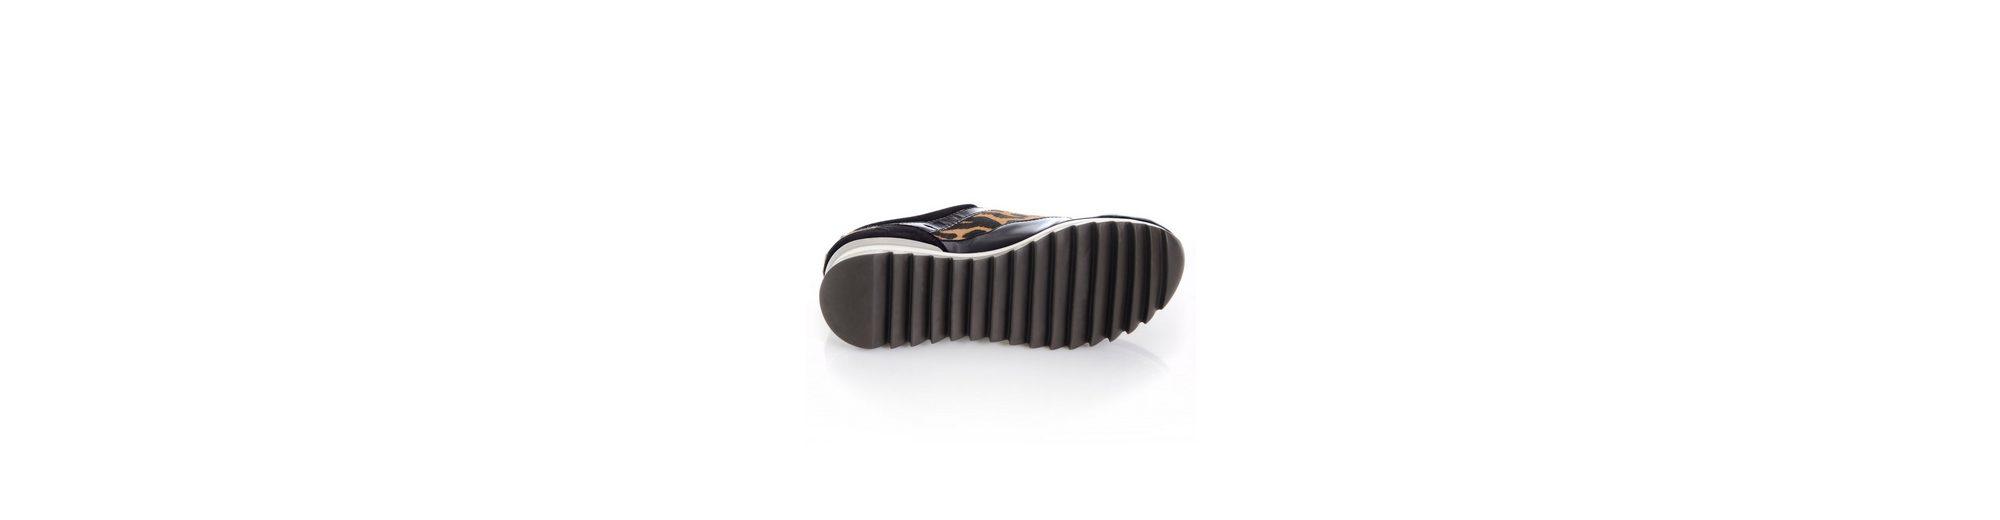 Verkauf Nicekicks Alba Moda Sneaker im Leopardenfell-Muster Modestil 100% Original Online-Verkauf Ra2pCyh